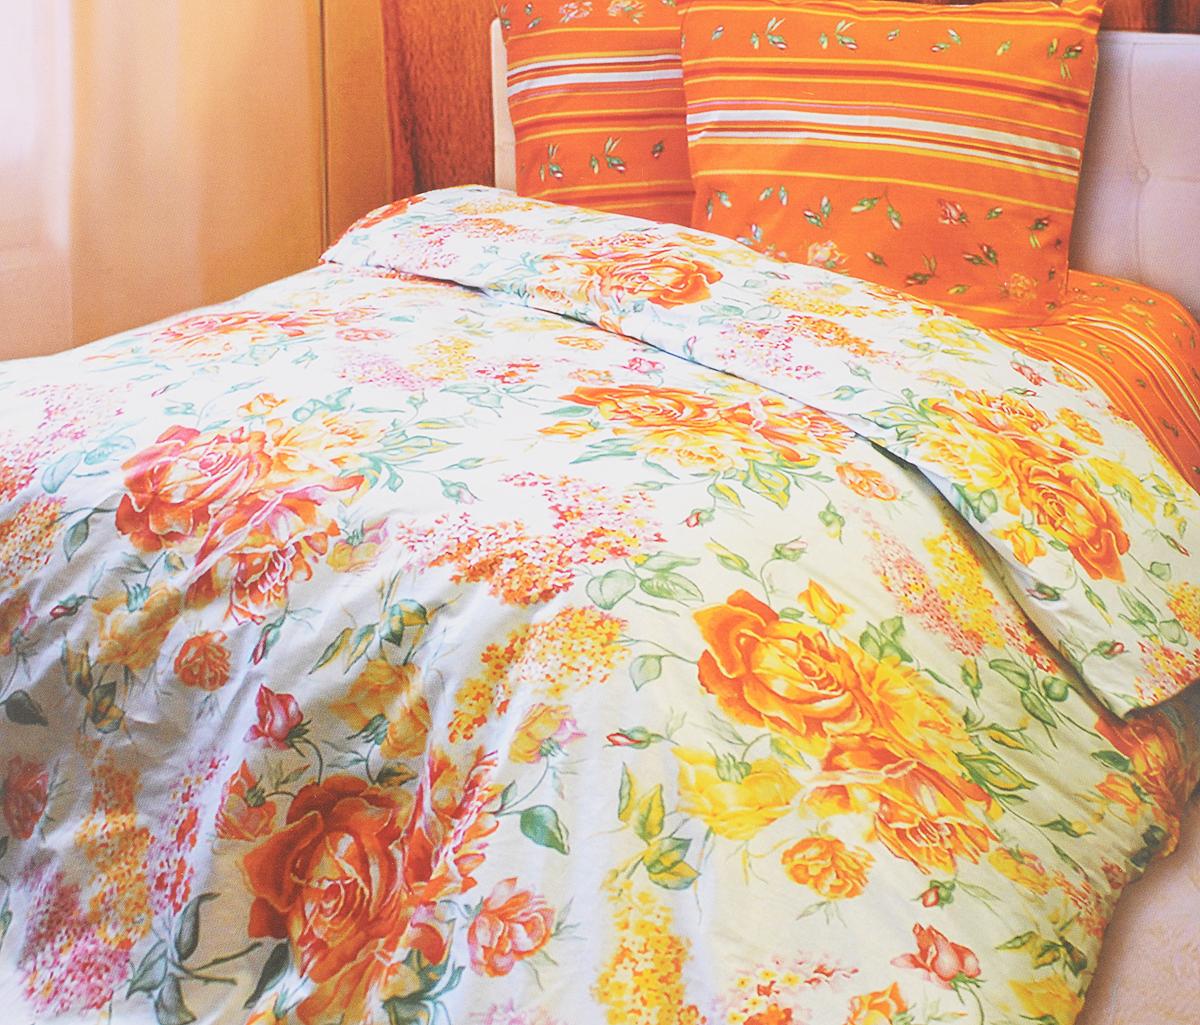 Комплект белья Катюша Сюзанна, евро, наволочки 70х70, цвет: белый, оранжевыйC-263/3839Комплект постельного белья Катюша Сюзанна является экологически безопасным для всей семьи, так как выполнен из бязи (100% хлопок). Комплект состоит из пододеяльника, простыни и двух наволочек. Постельное белье оформлено оригинальным рисунком и имеет изысканный внешний вид. Бязь - это ткань полотняного переплетения, изготовленная из экологически чистого и натурального 100% хлопка. Она прочная, мягкая, обладает низкой сминаемостью, легко стирается и хорошо гладится. Бязь прекрасно пропускает воздух и за ней легко ухаживать. При соблюдении рекомендуемых условий стирки, сушки и глажения ткань имеет усадку по ГОСТу, сохранятся яркость текстильных рисунков. Приобретая комплект постельного белья Катюша Сюзанна, вы можете быть уверенны в том, что покупка доставит вам и вашим близким удовольствие и подарит максимальный комфорт.